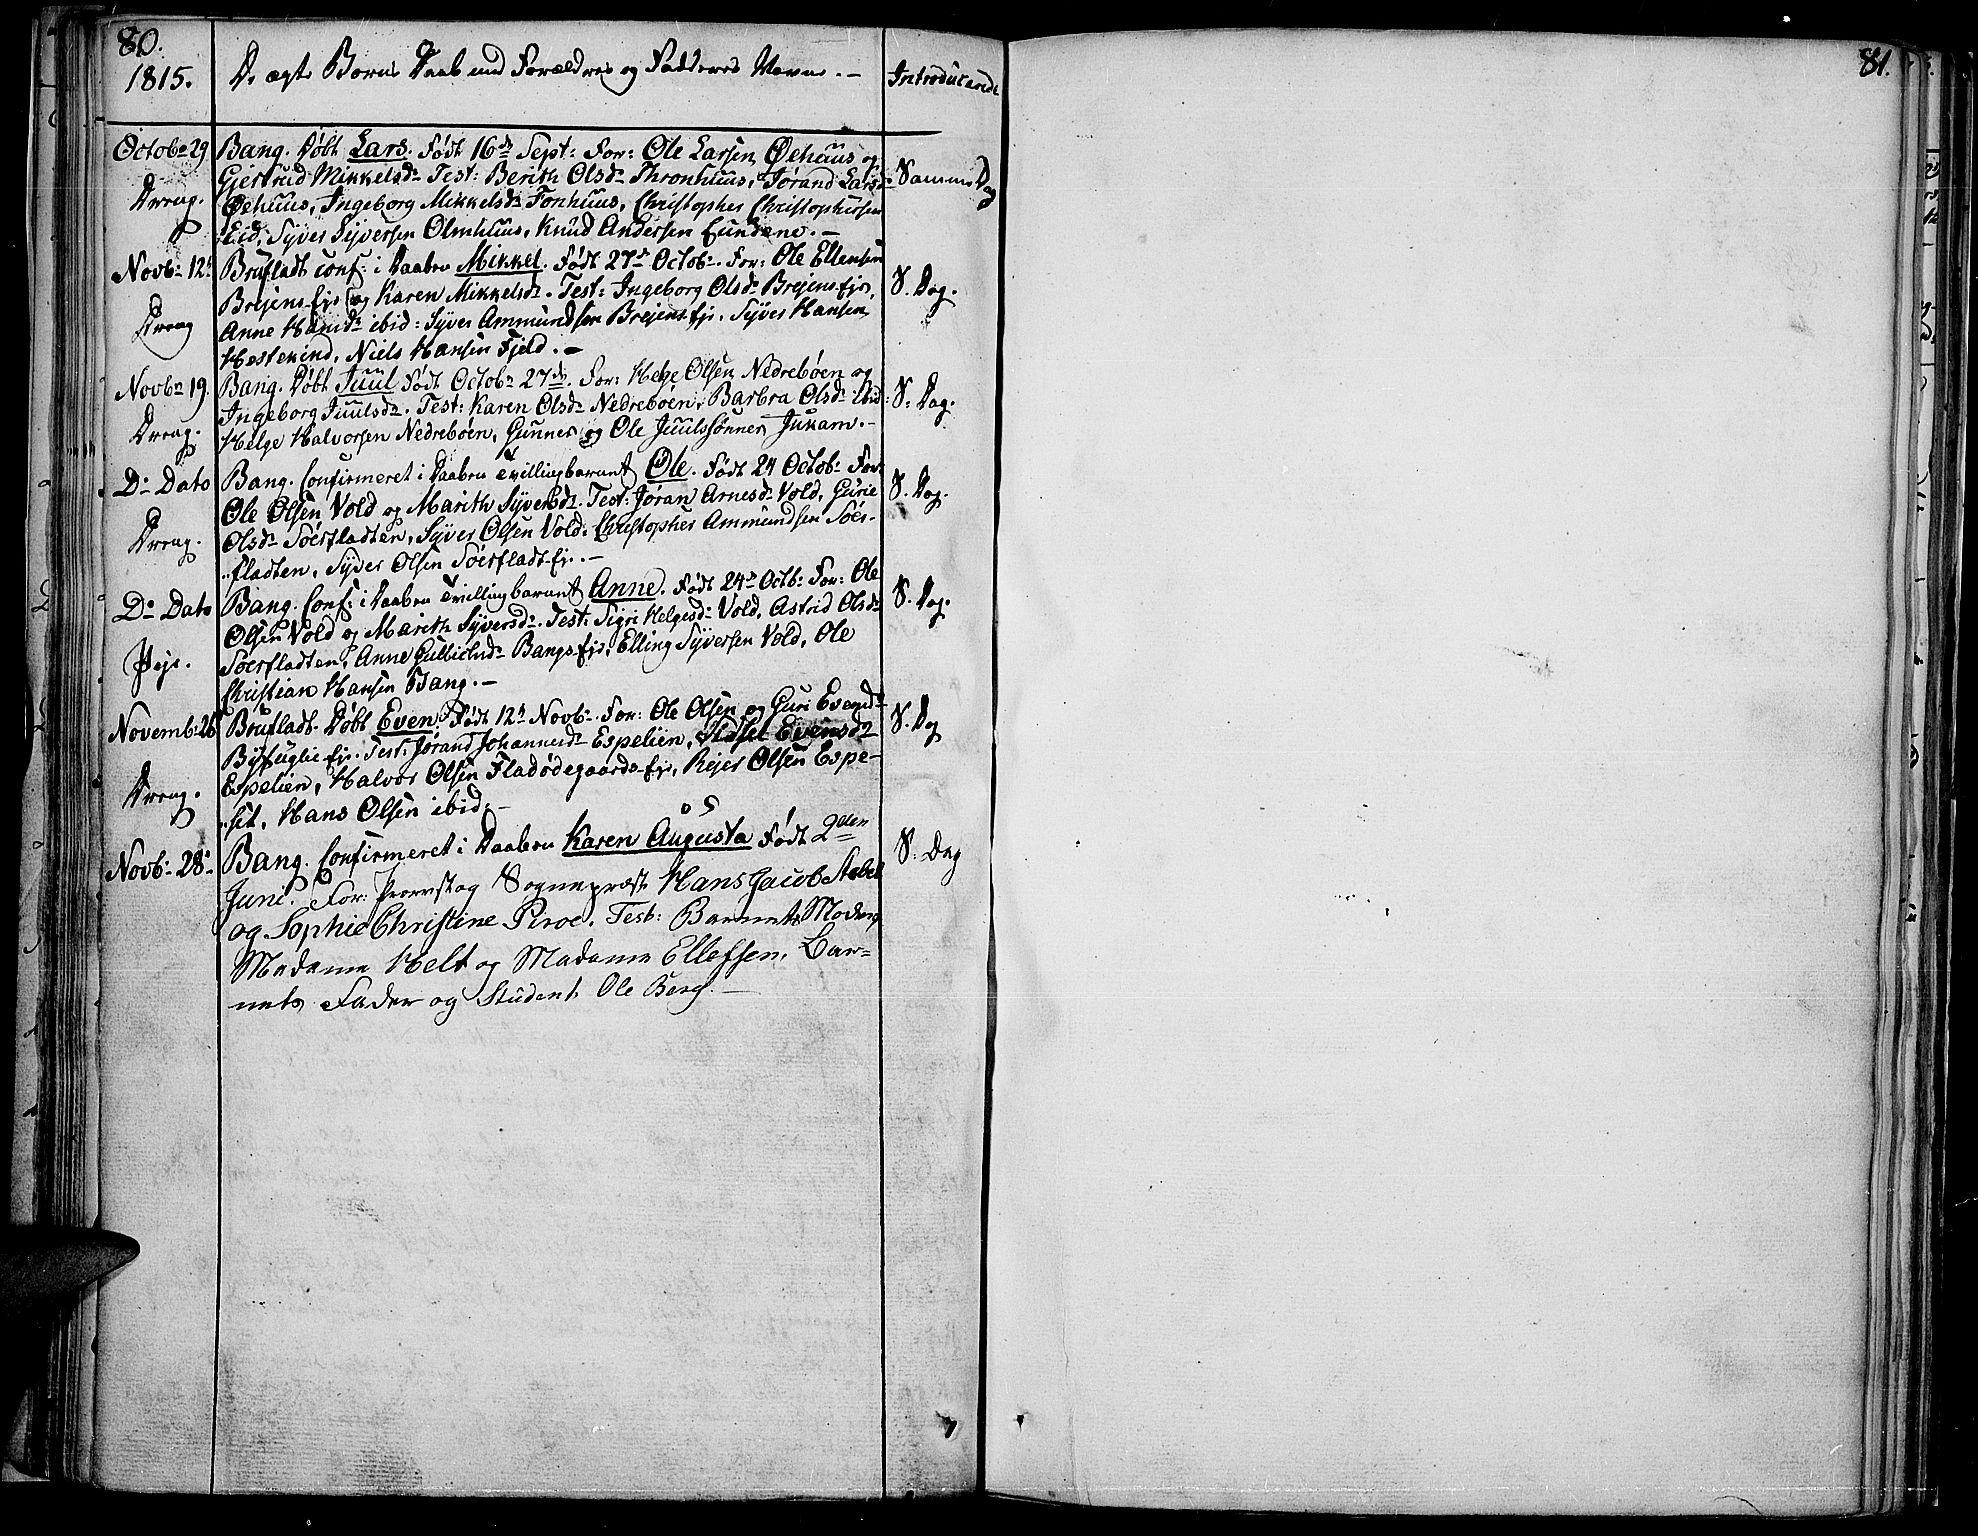 SAH, Sør-Aurdal prestekontor, Ministerialbok nr. 1, 1807-1815, s. 80-81